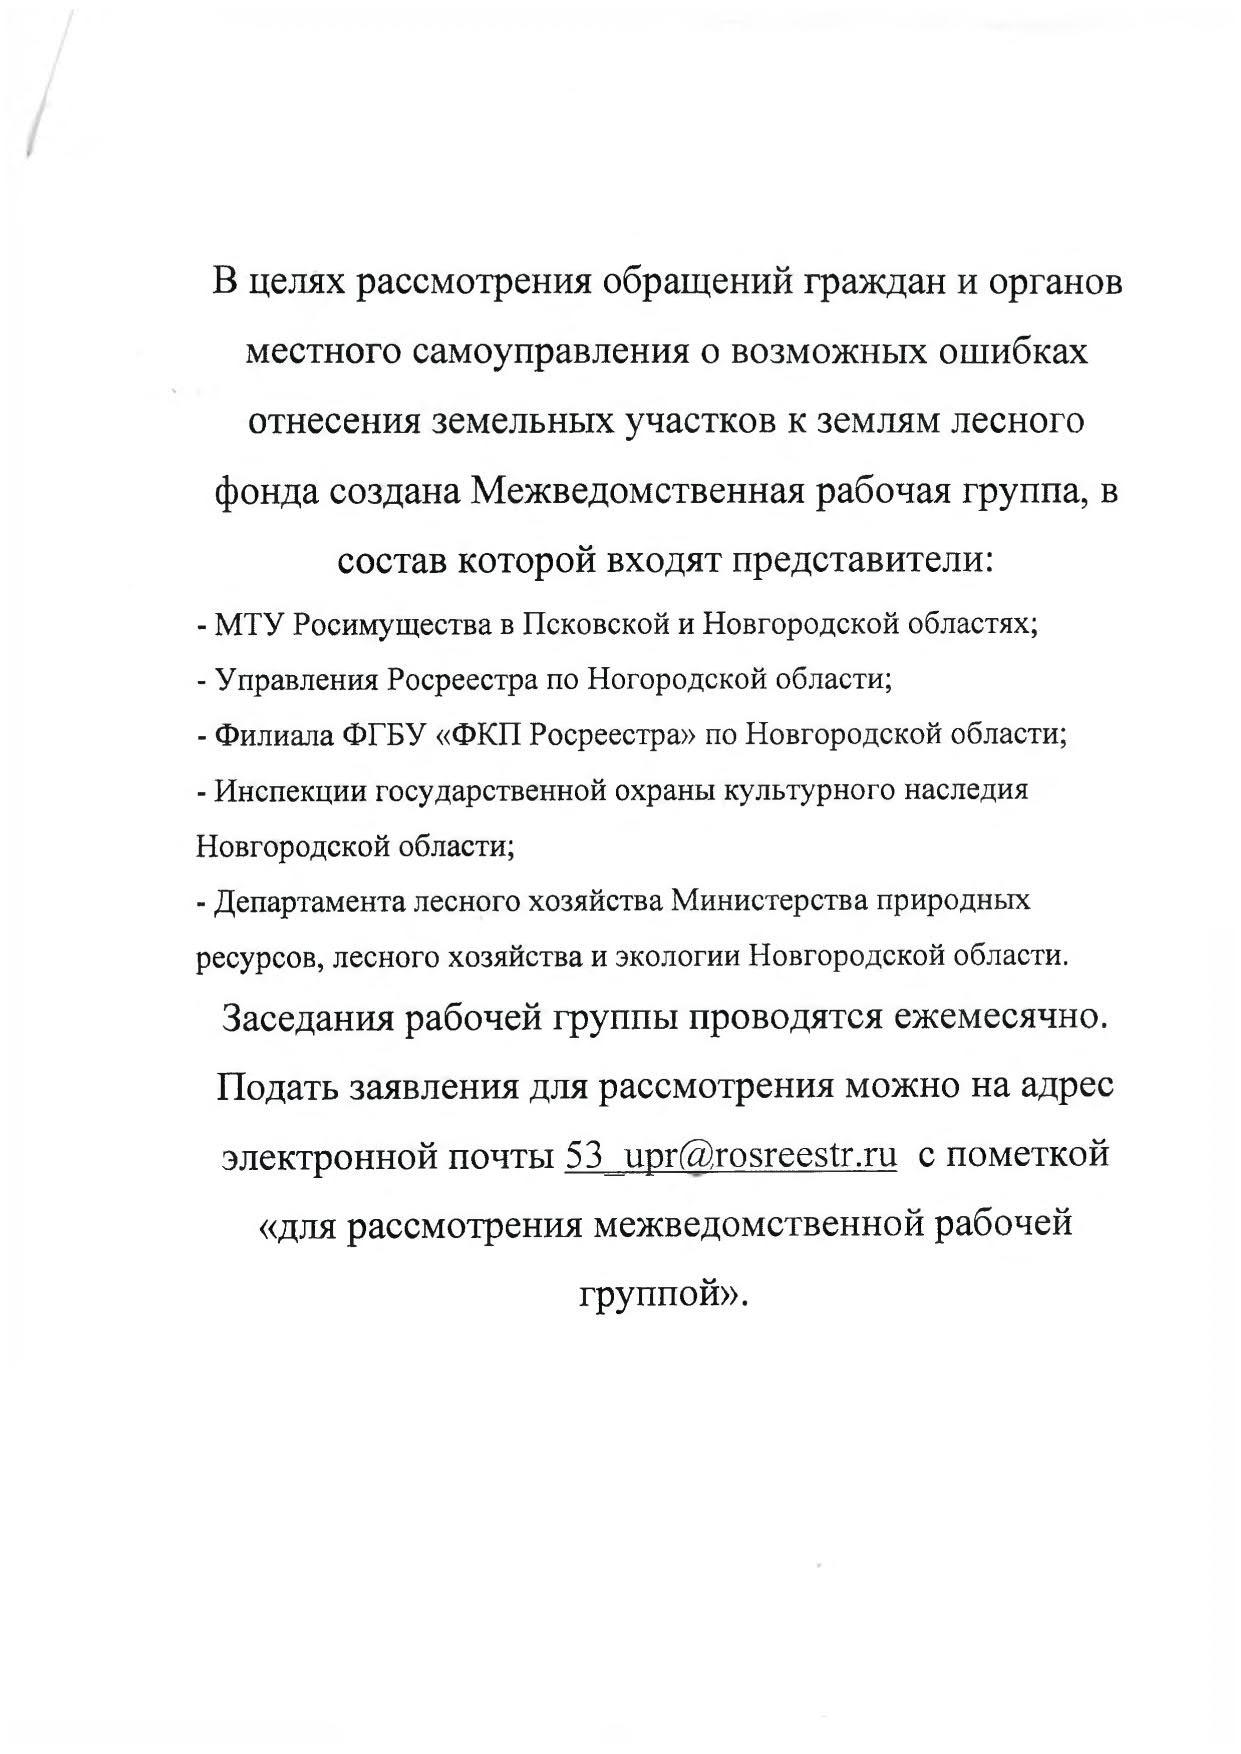 Приложение к письму Управления Росреестра_1